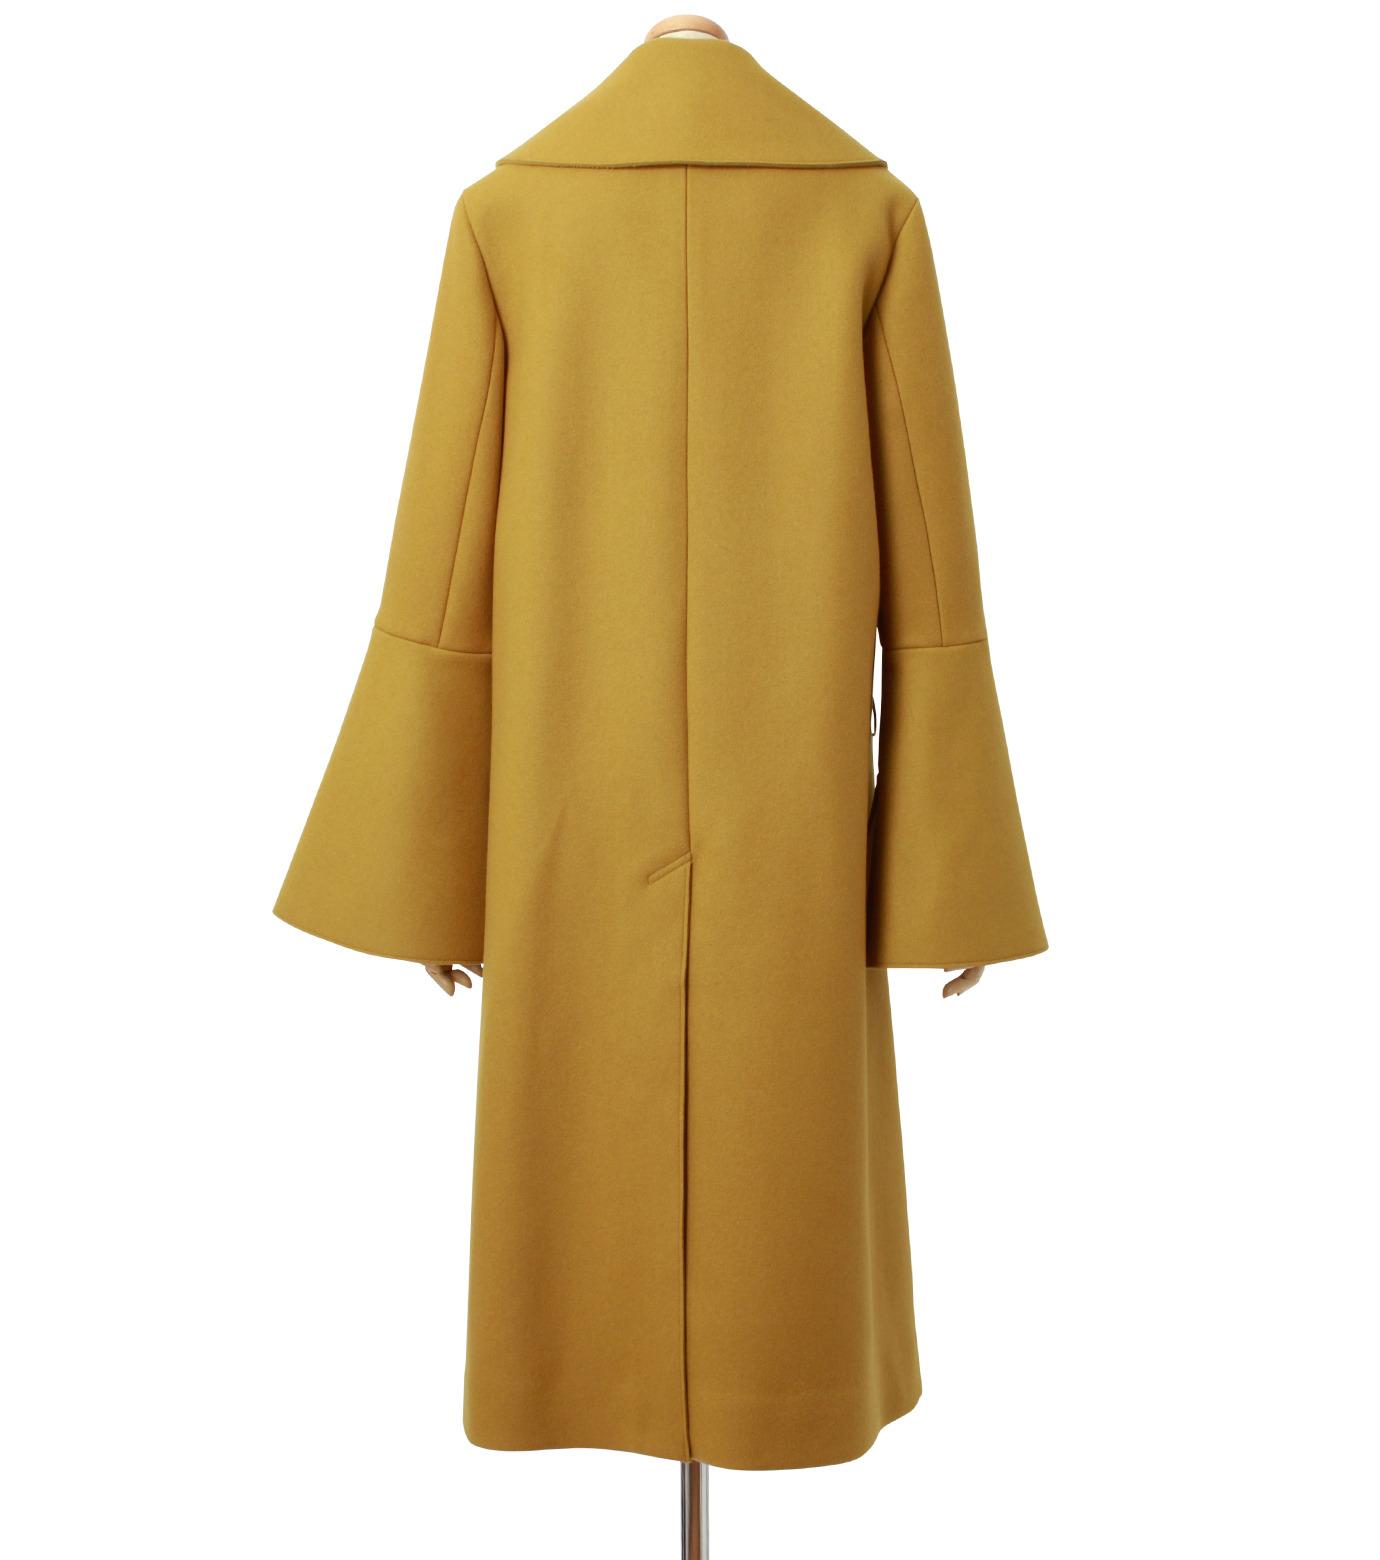 IRENE(アイレネ)のベルスリーブトレンチコート-MUSTARD(コート/coat)-18A89004 拡大詳細画像3